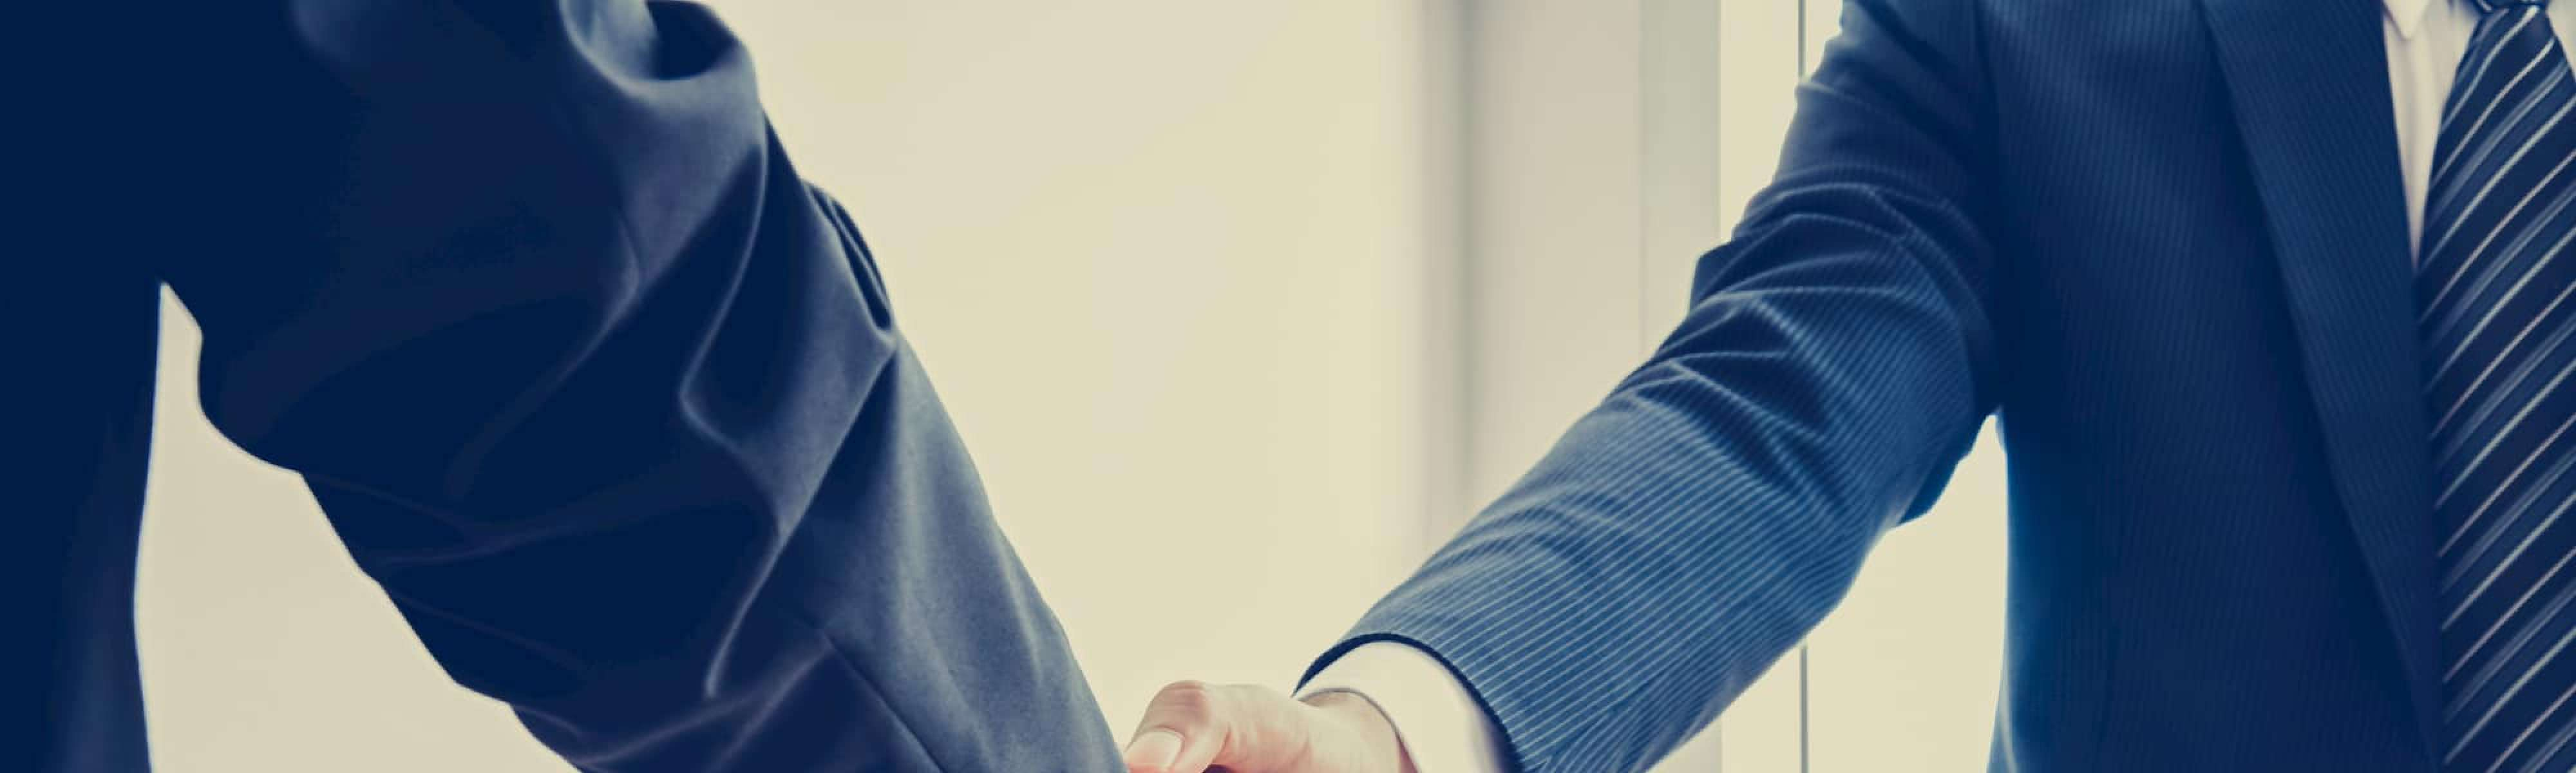 Als mittelständisches Familienunternehmen handeln wir agil und flexibel – stets zum Wohl des Kunden.